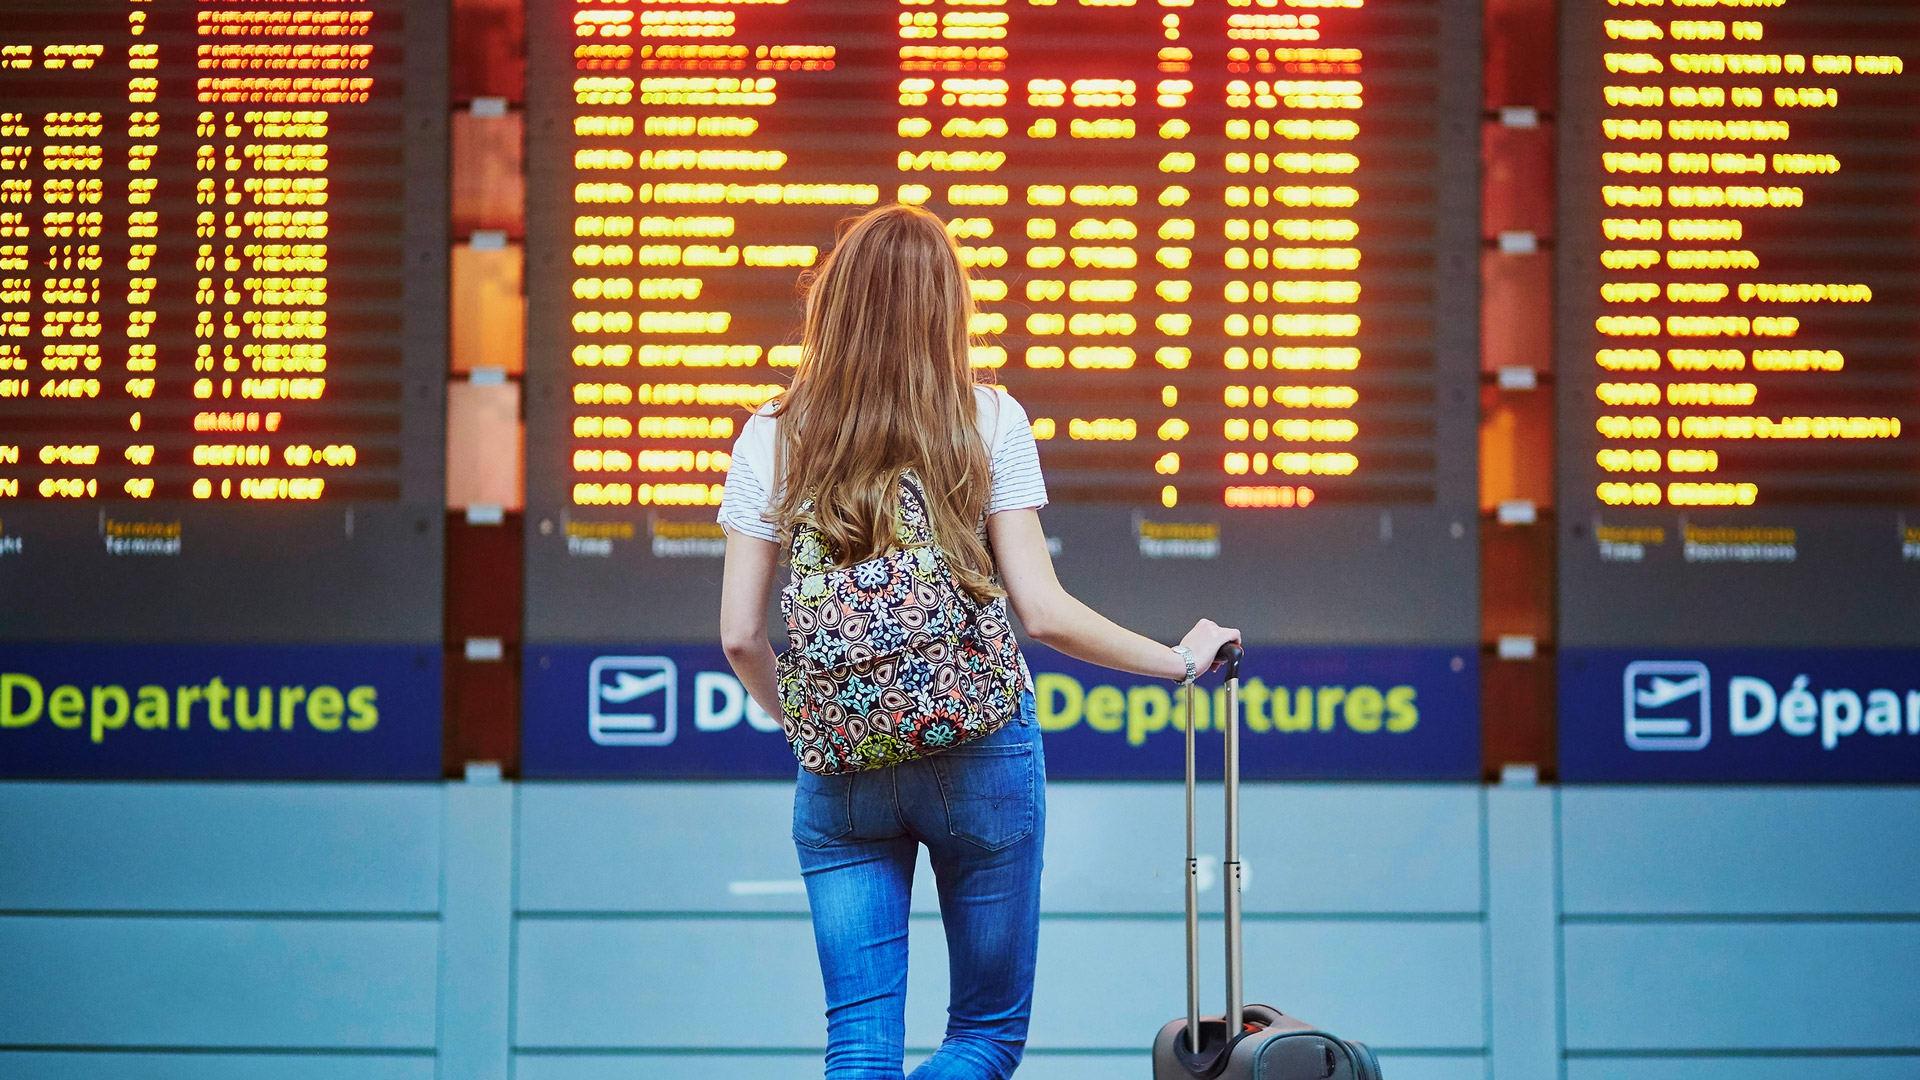 Mengenal Asuransi Perjalanan Bagi Para Traveller